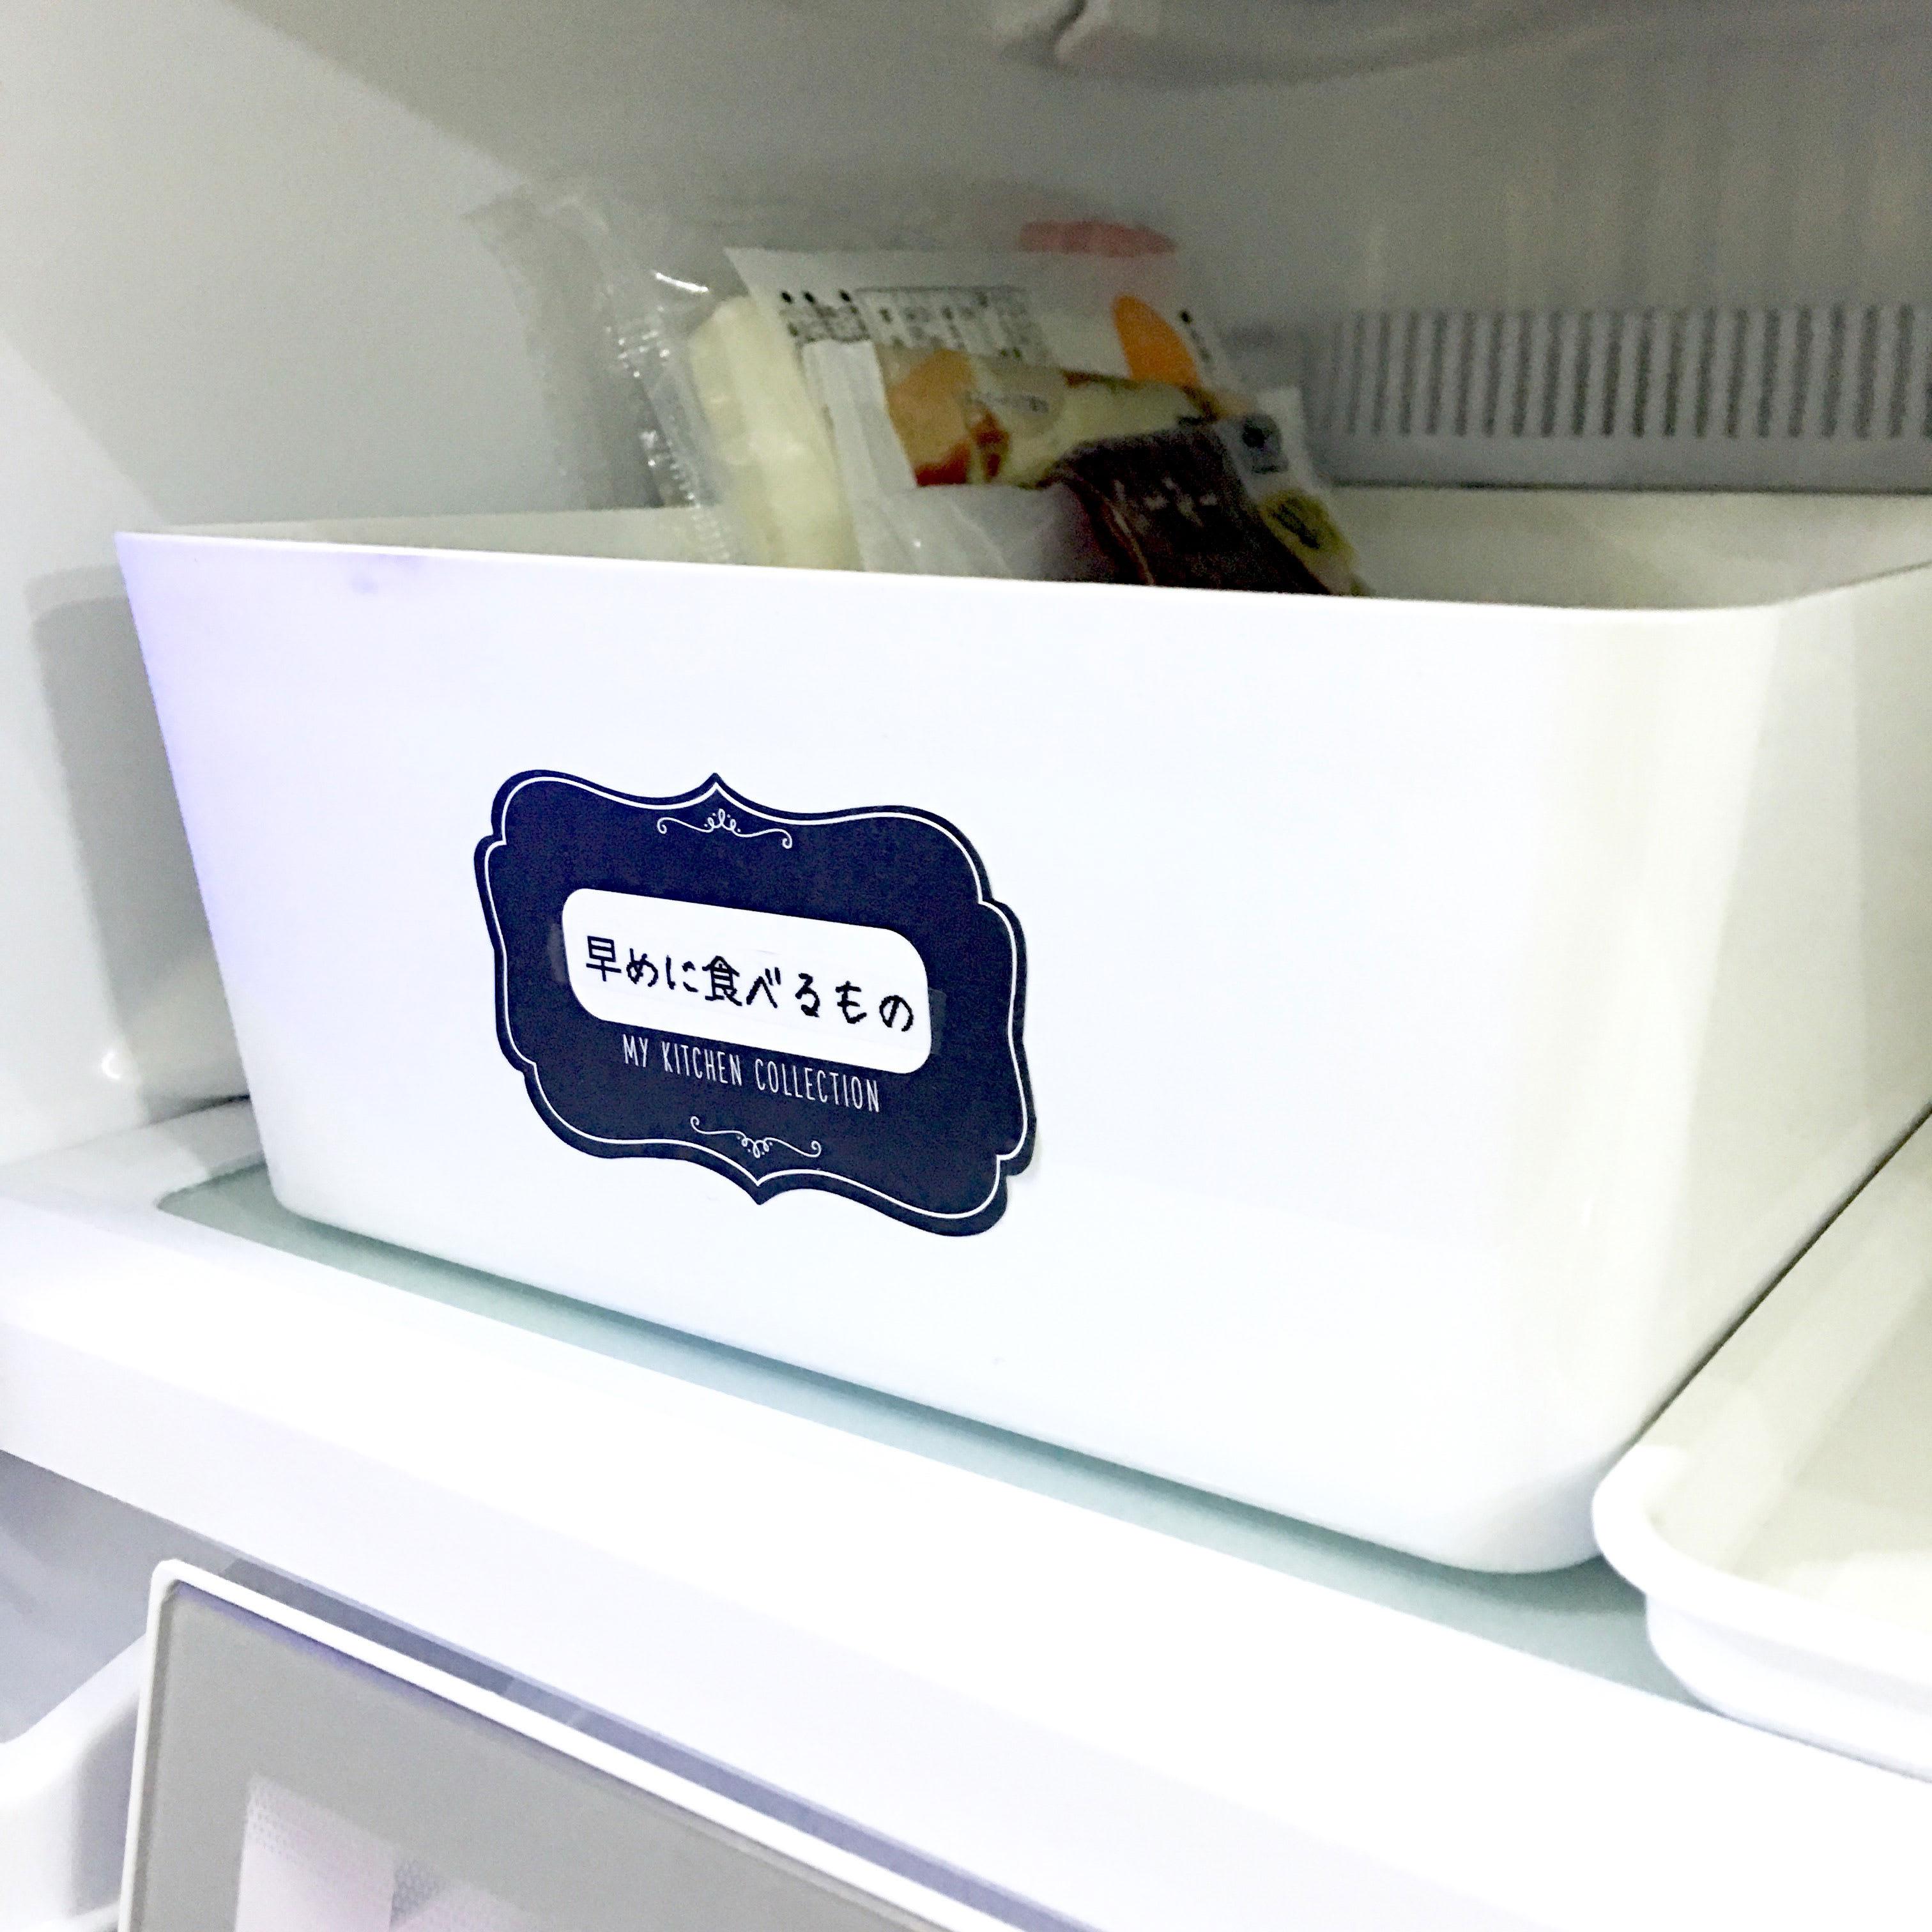 「食品ロス」をなくして「節電」にもつながる!冷蔵庫の収納のコツ